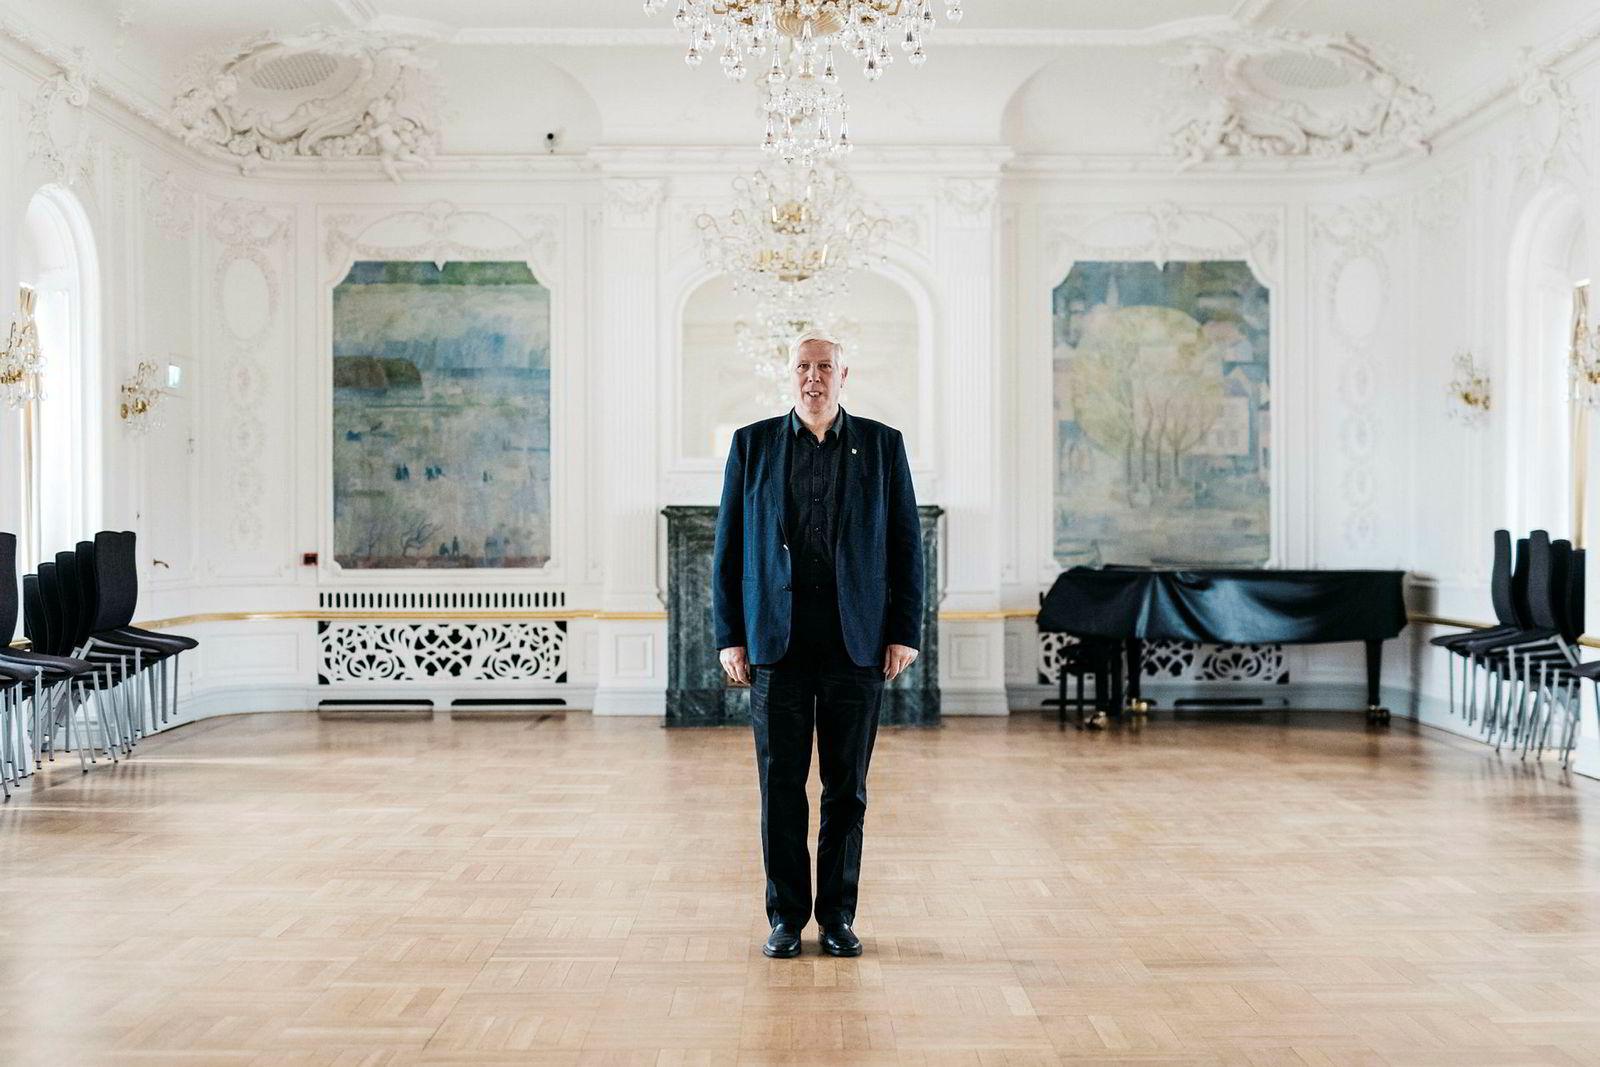 Arnt Abrahamsen er ordfører i sørlandsbyen Farsund. Her er han i festsalen i den gamle rederboligen «Husan», som nå er tatt i bruk som rådhus.